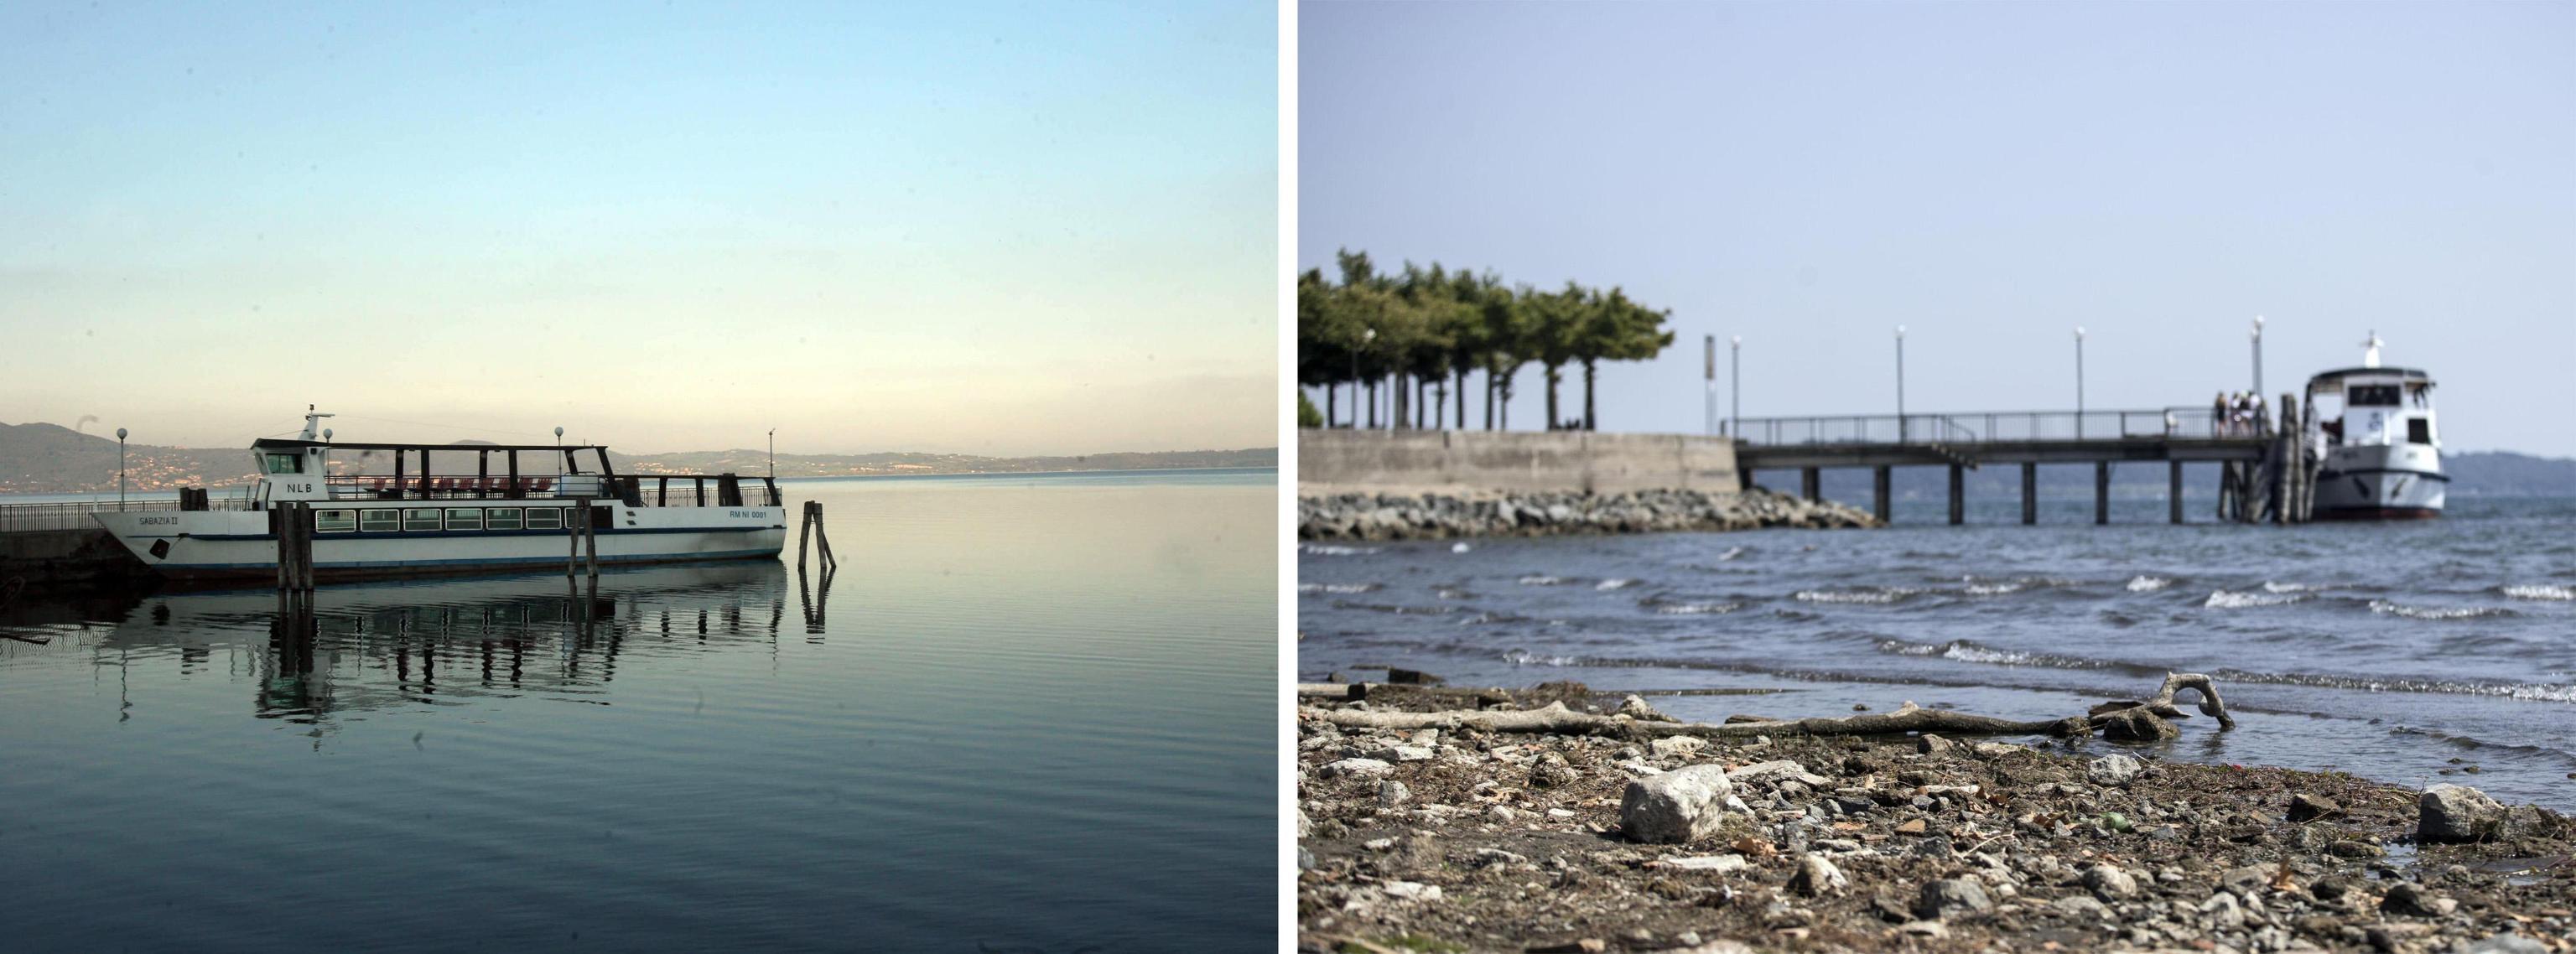 Emergenza siccità nel Lazio: le foto shock